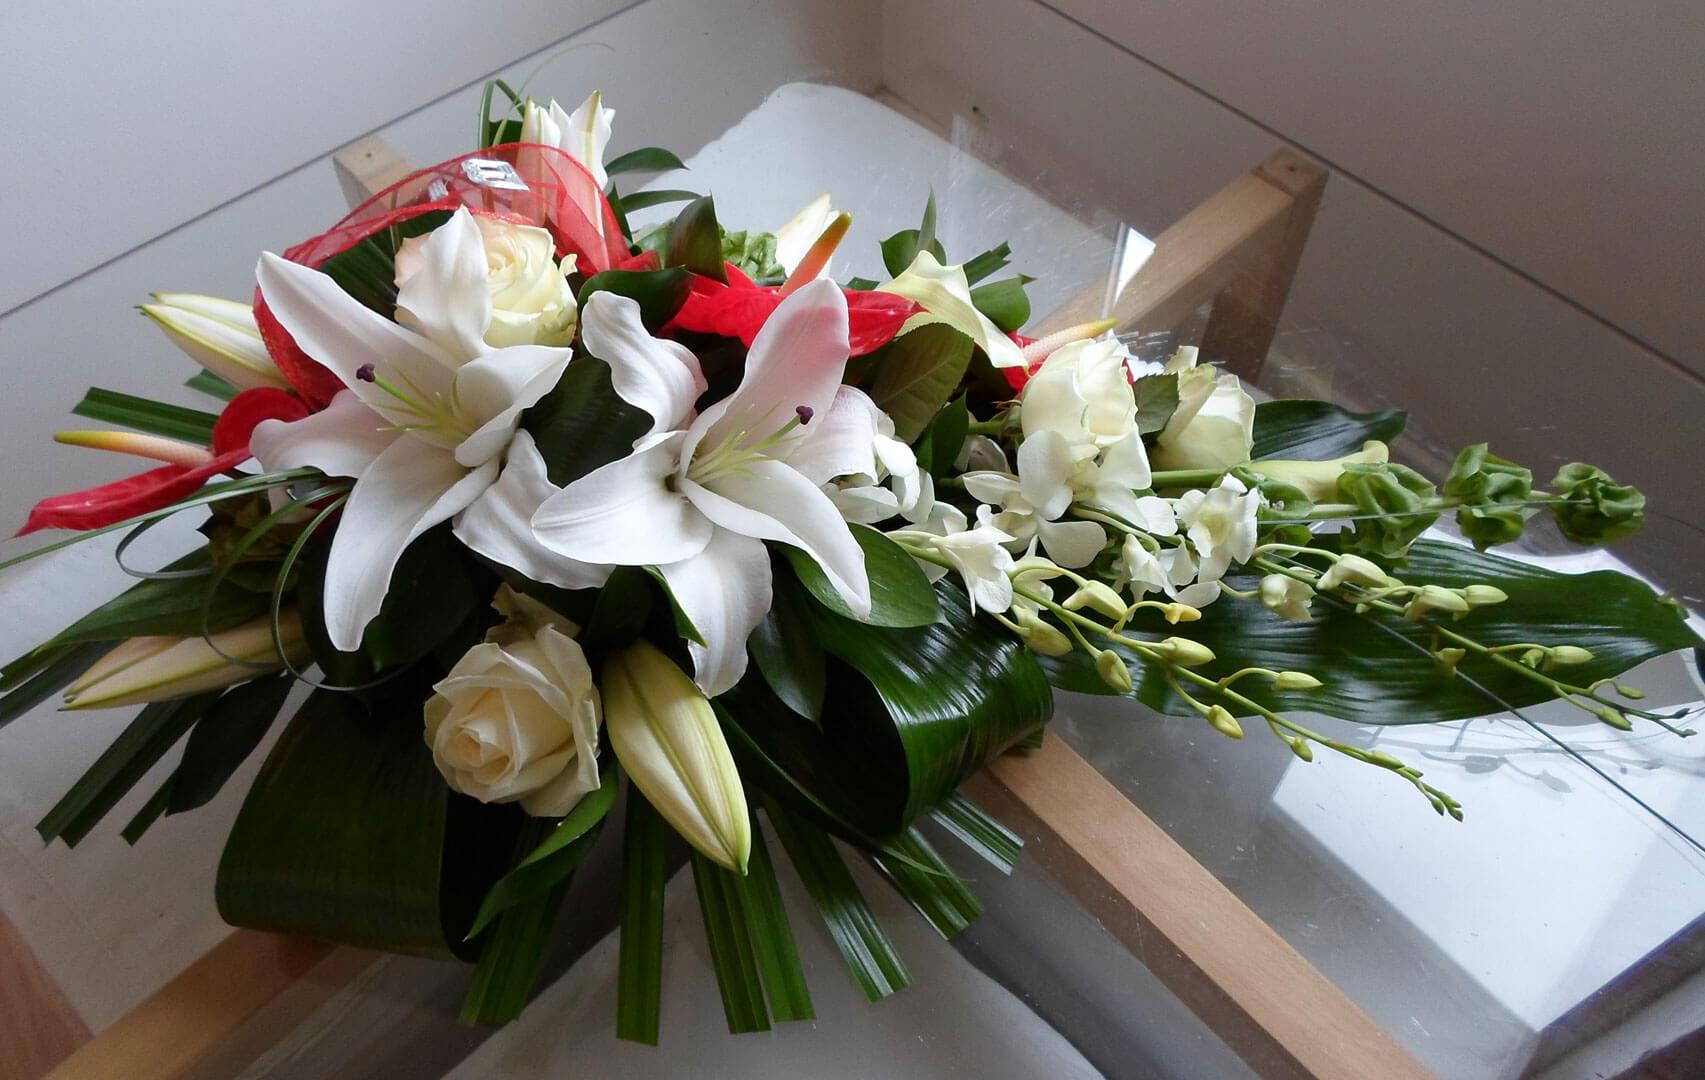 Funerals-Gallery-10